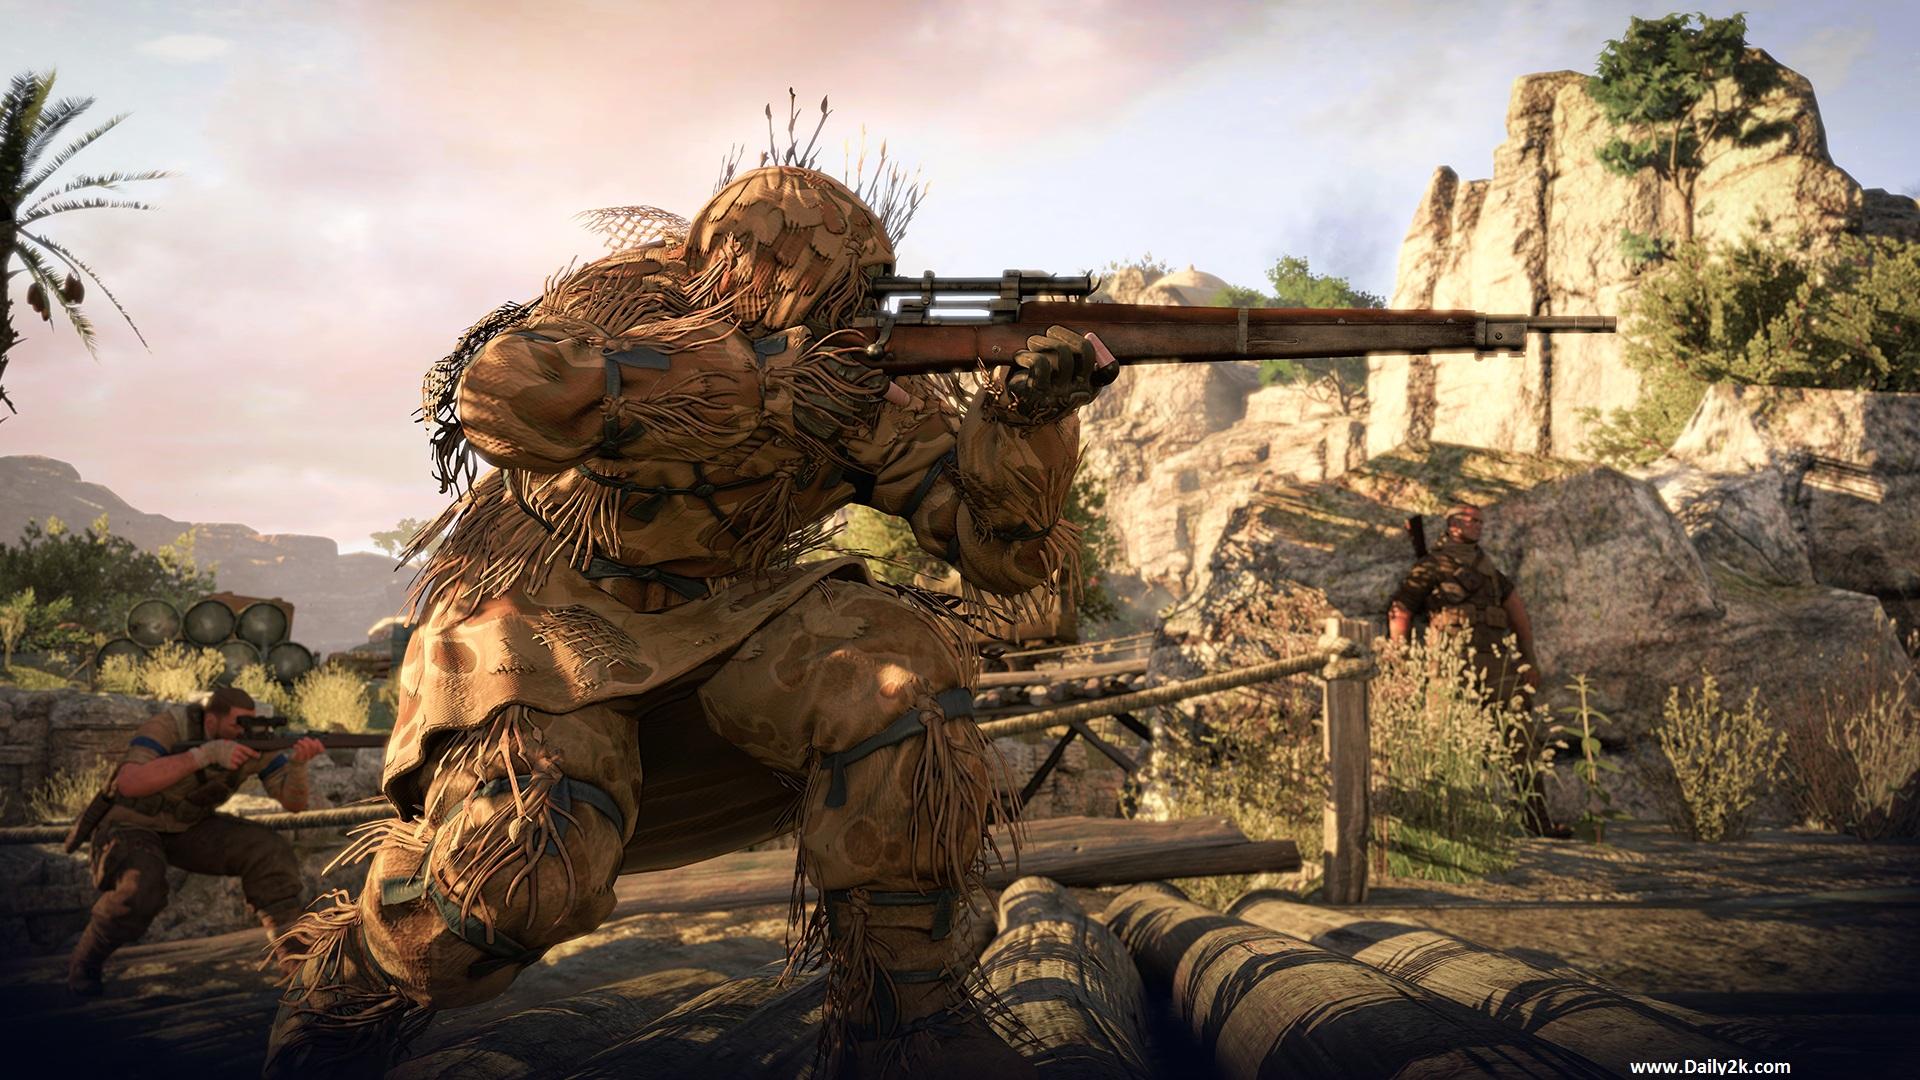 Sniper Elite-Daily2k